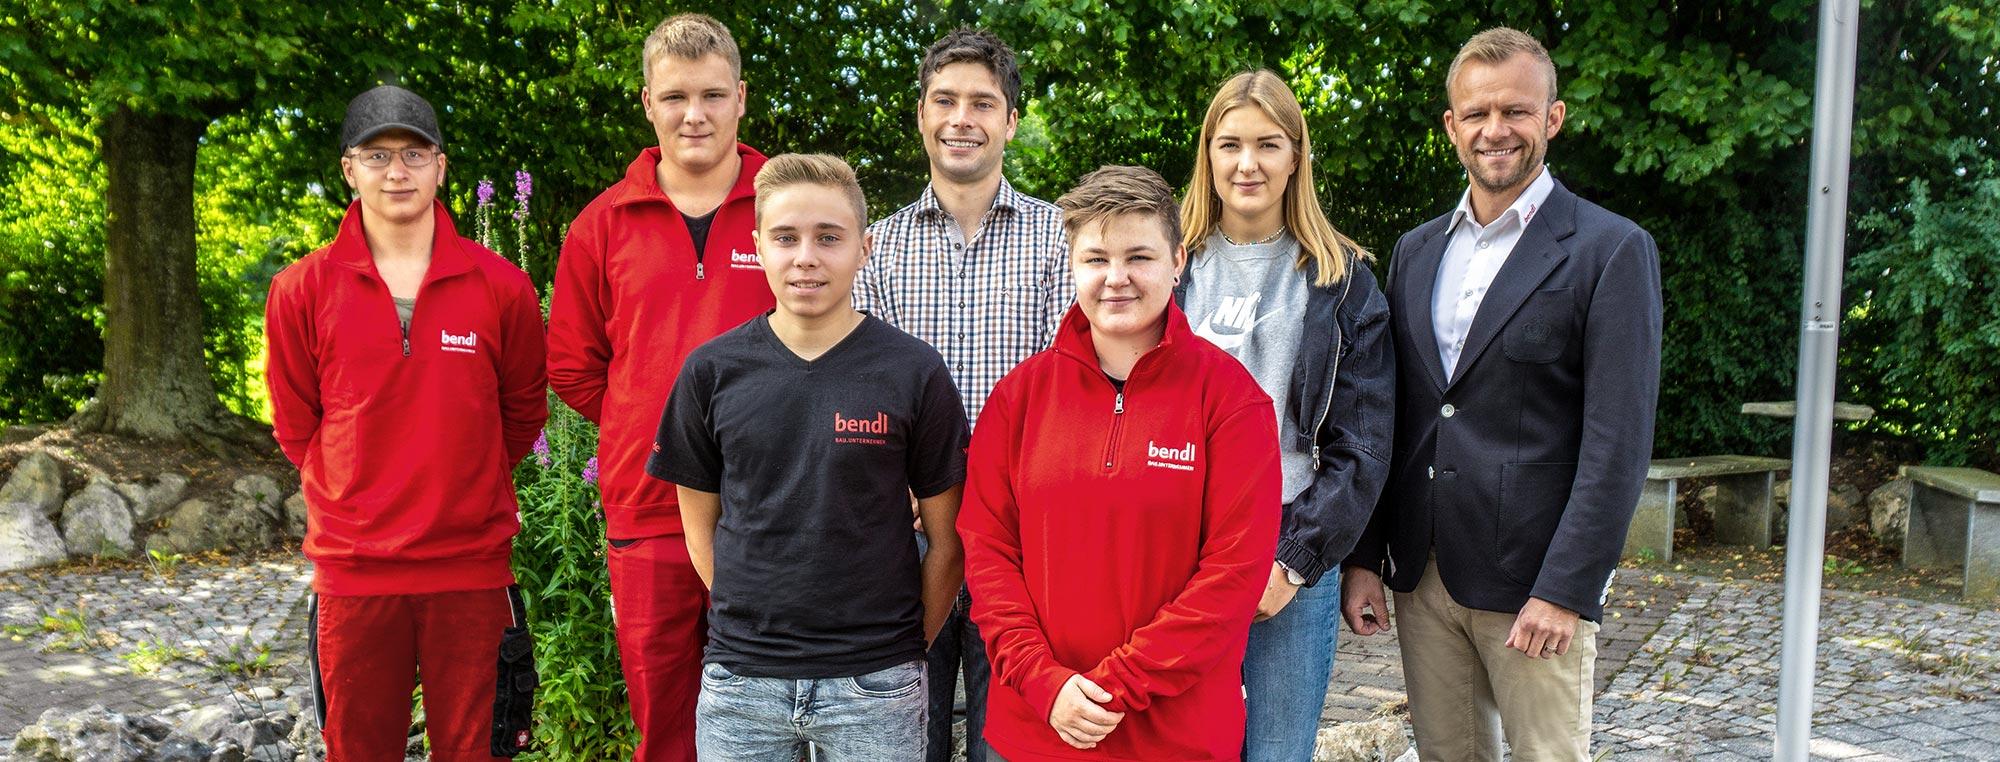 Das Bauunternehmen bendl aus Günzburg berüßt im September 2019 fünf Auszubildende. Darunter sogar zwei Mädchen die den Grundstein für Ihre Karriere im technischen und gewerblichen Bereich legen.